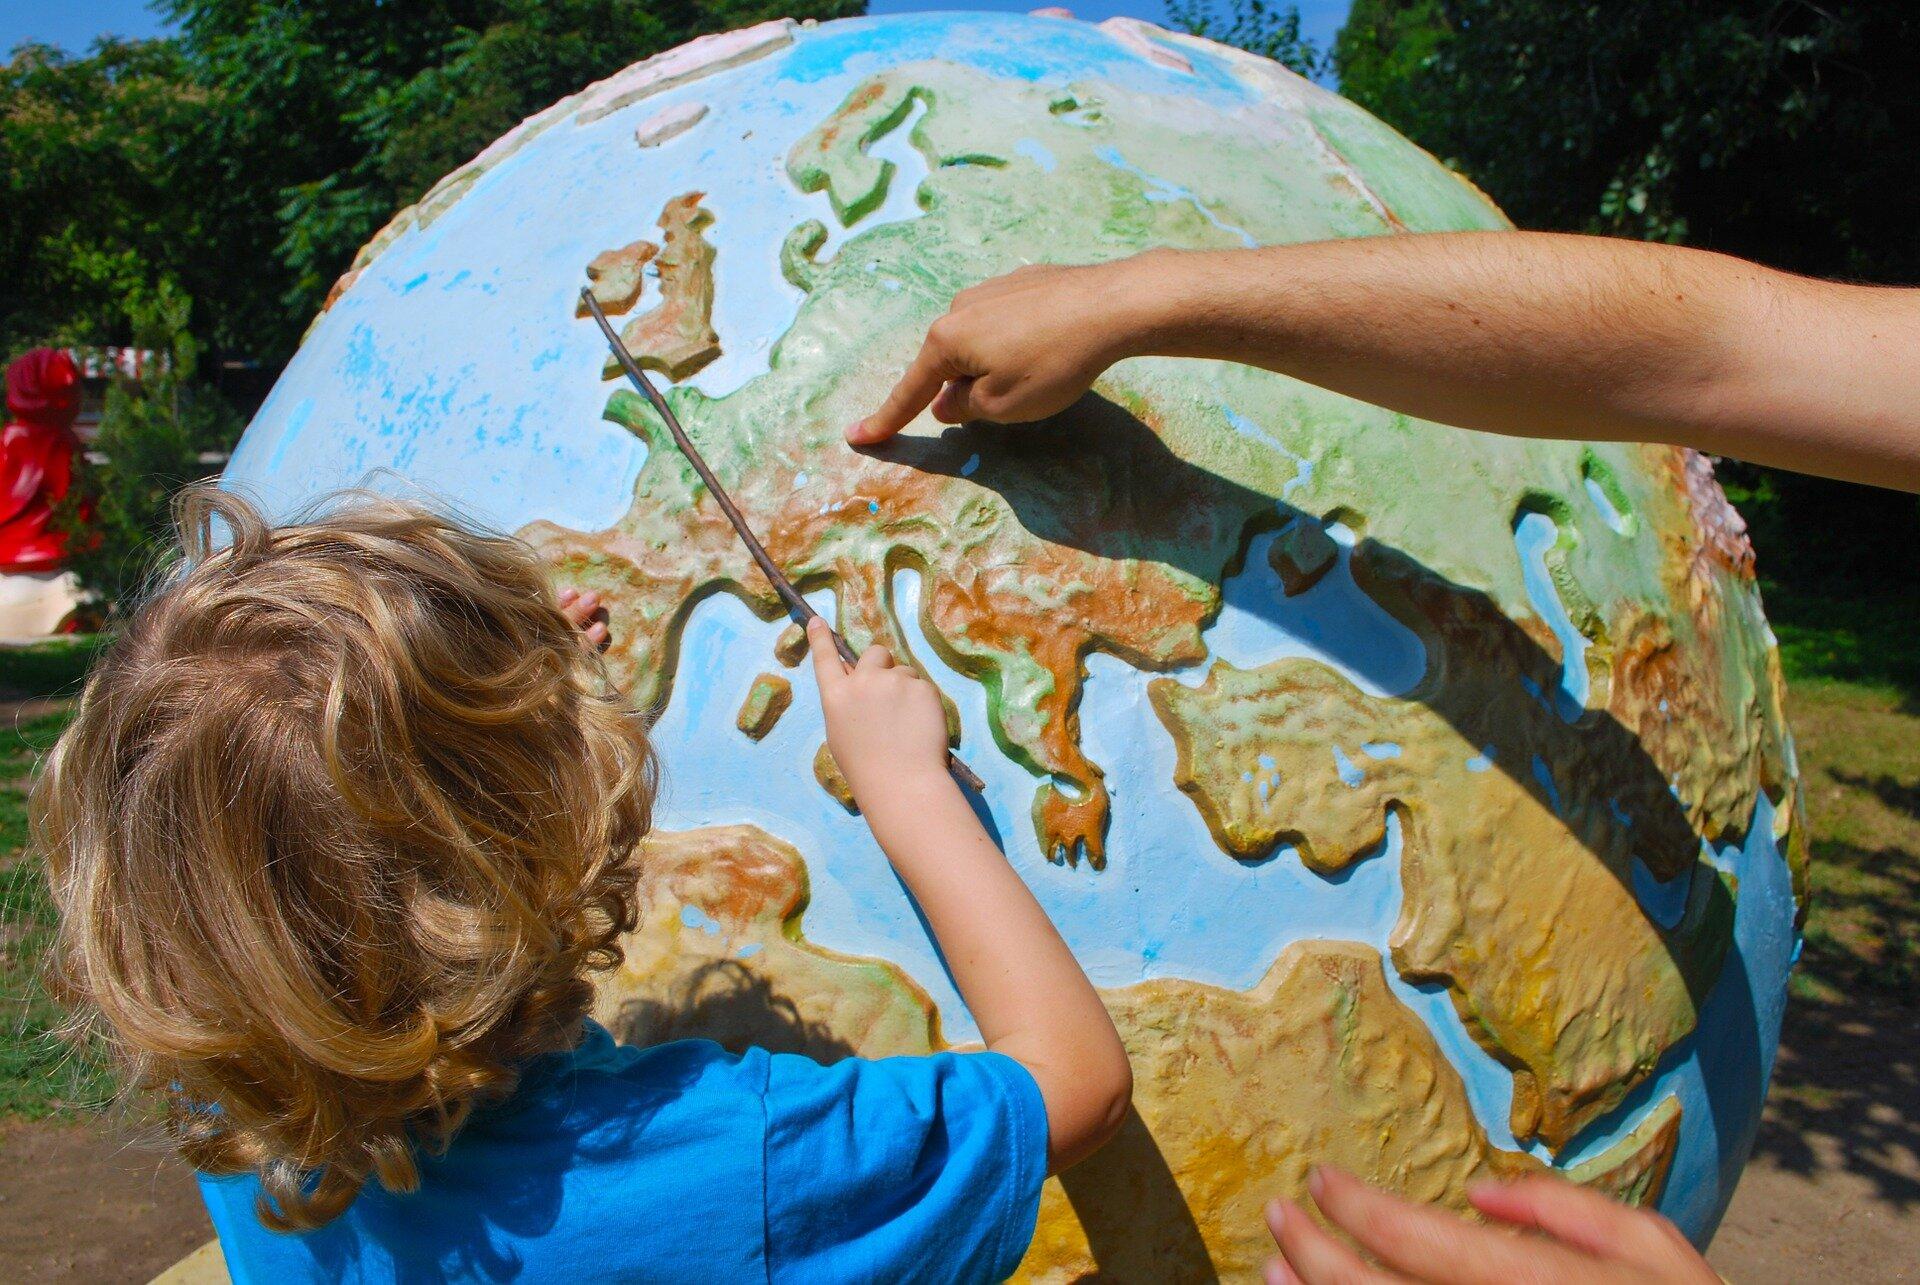 Na zdjęciu dziecko wskazuje patyczkiem na globusie Wyspy Brytyjskie. Druga, niewidoczna na zdjęciu osoba, palcem wskazuje miejsce wcentrum Europy. Globus jest bardzo duży, stoi na dworze, ztyłu drzewa.